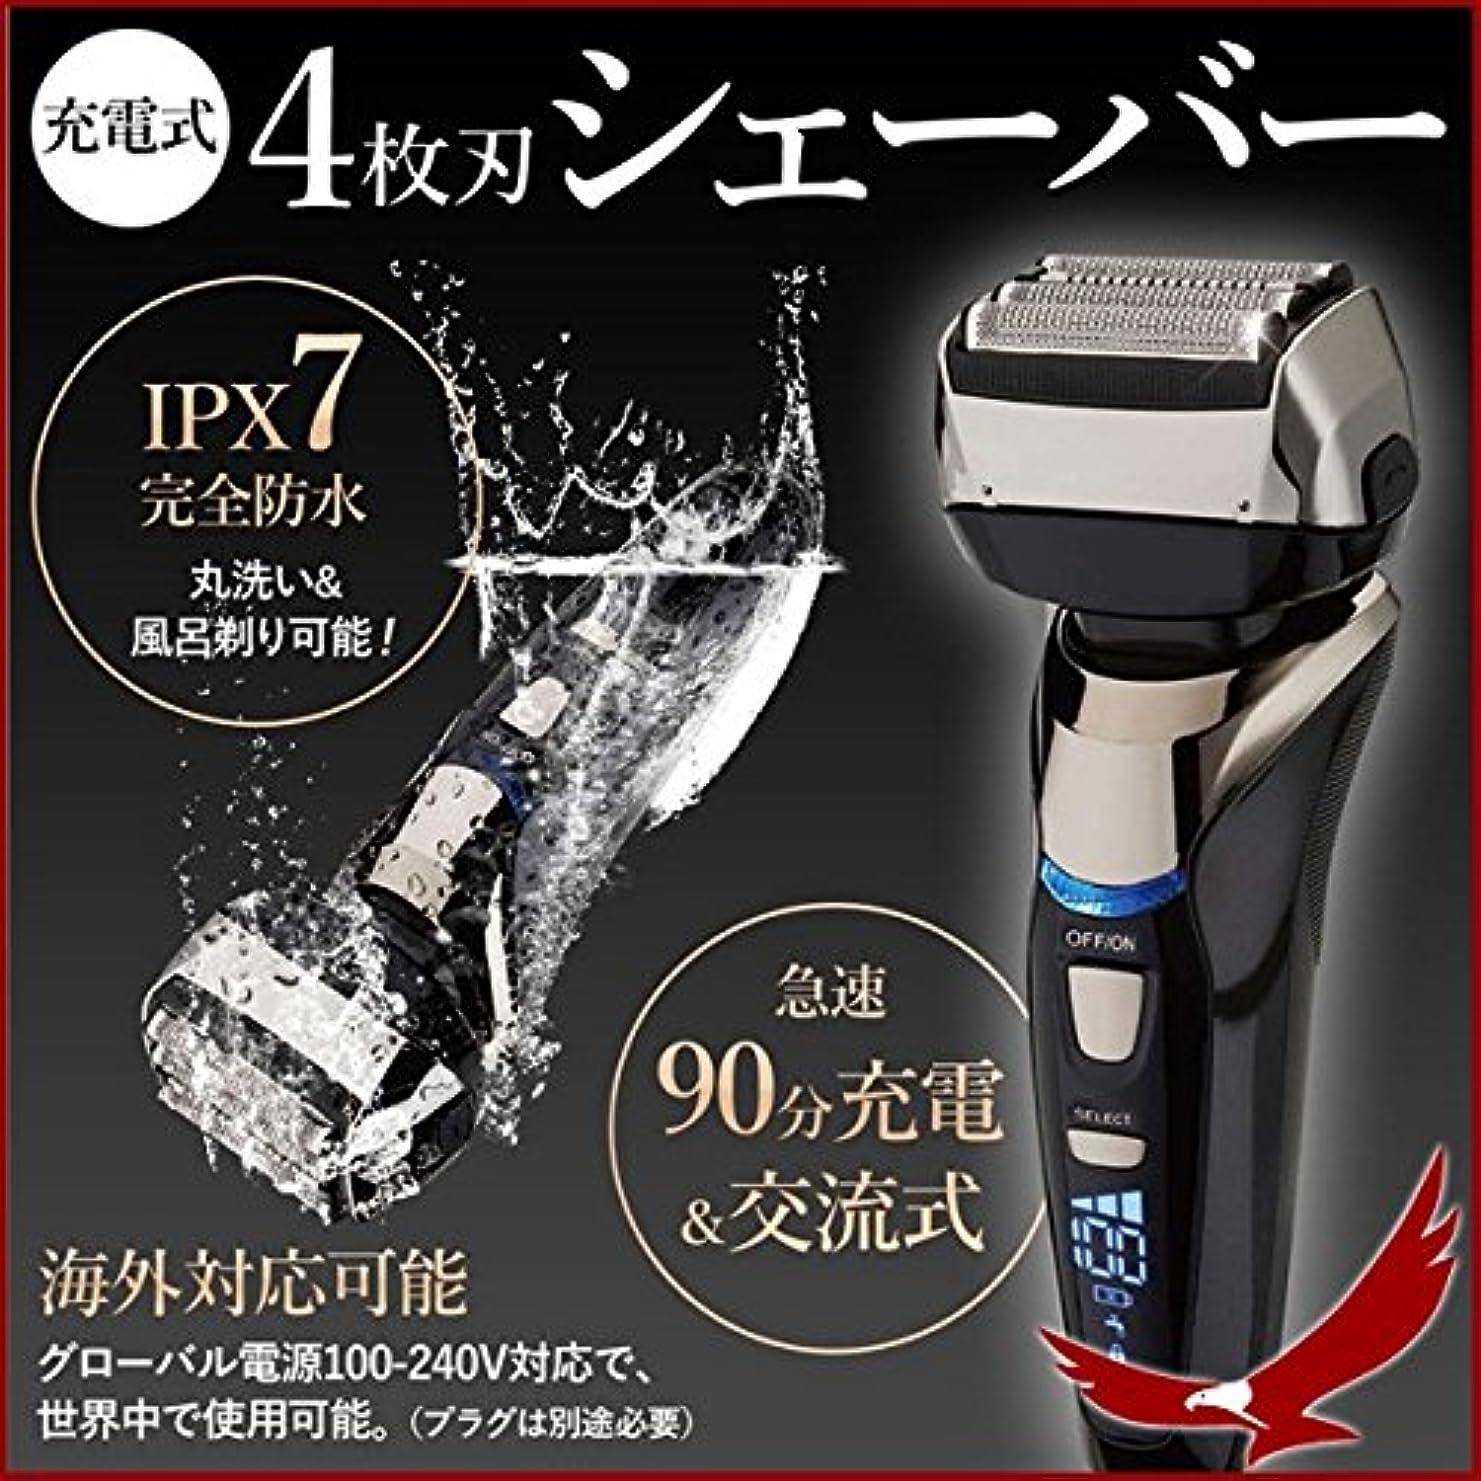 タイプライター抜粋葉を集める4枚刃充交両用シェーバー GD-S401 完全防水!丸洗いOK! (黒)